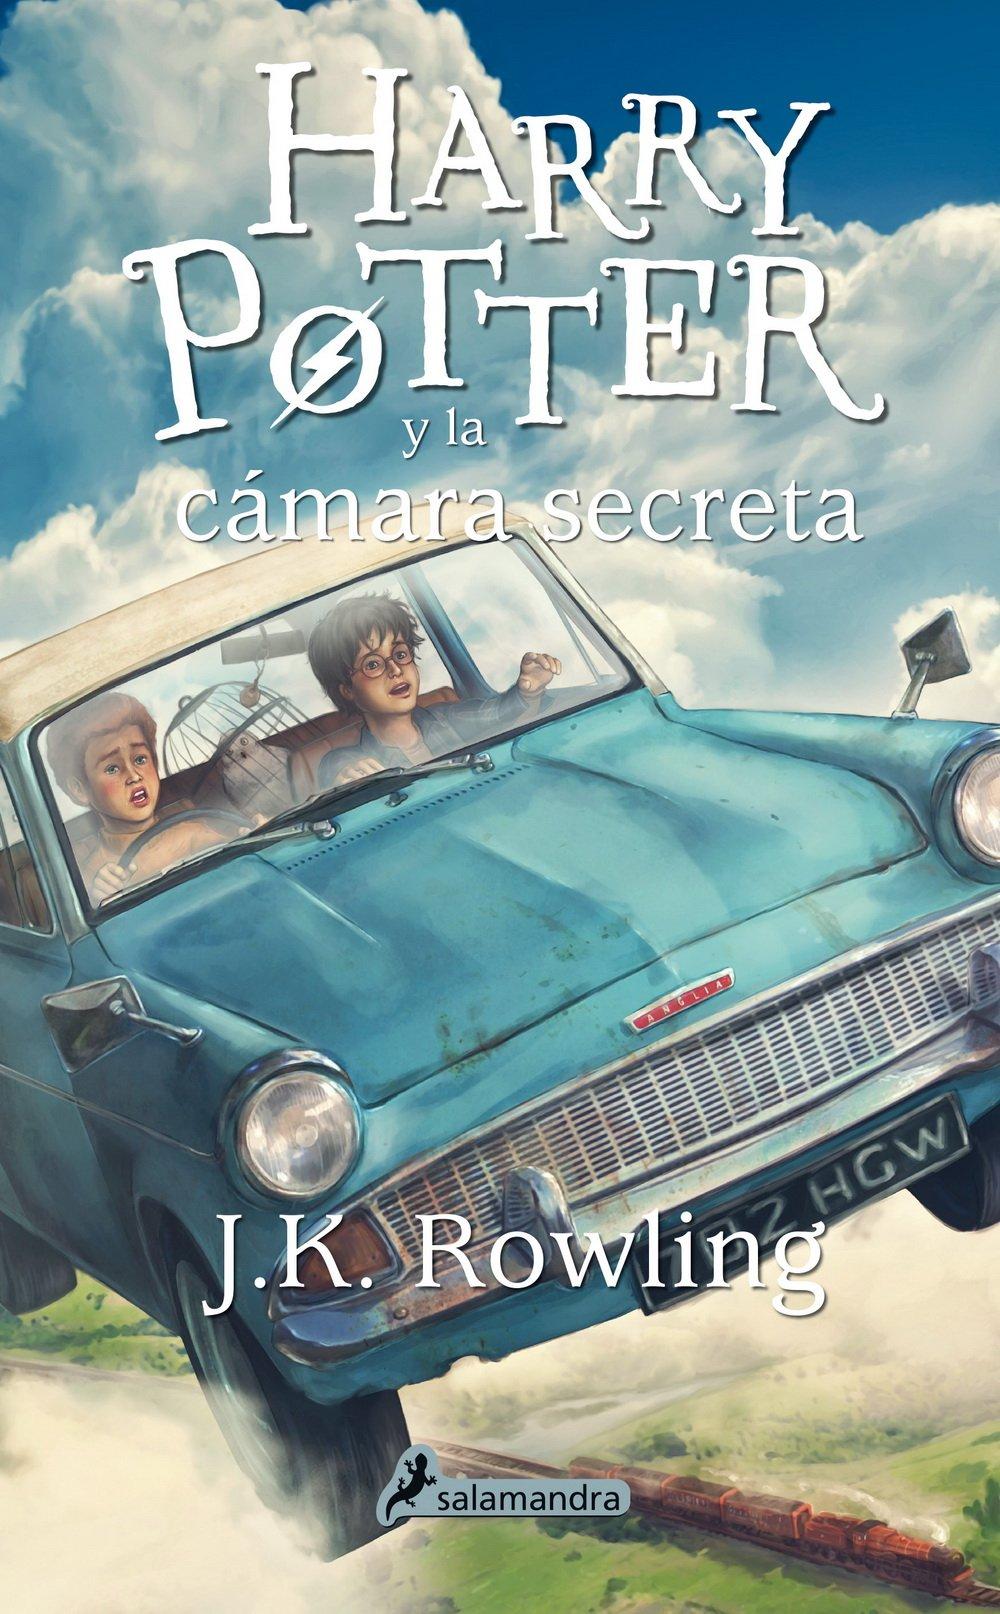 Harry Potter 2. Harry Potter y la cámara secreta (Nueva edición, tapa blanda)